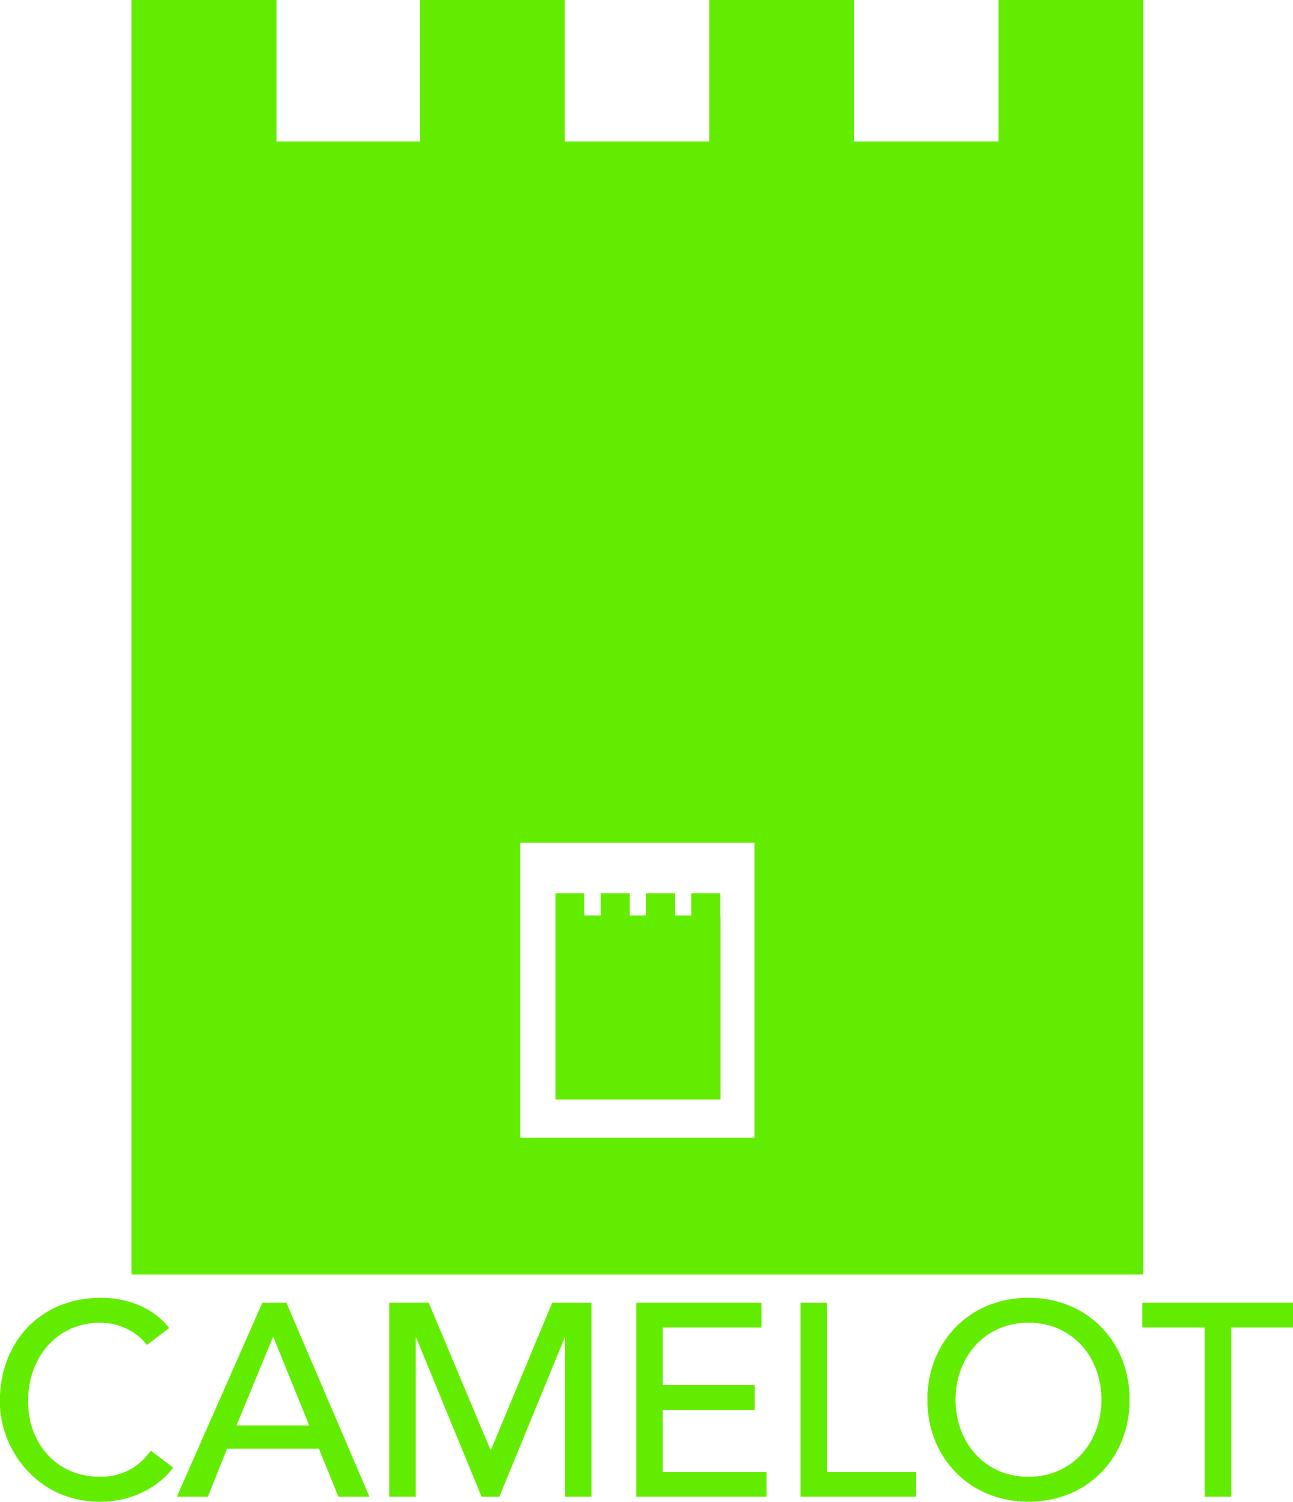 Camelot Deutschland